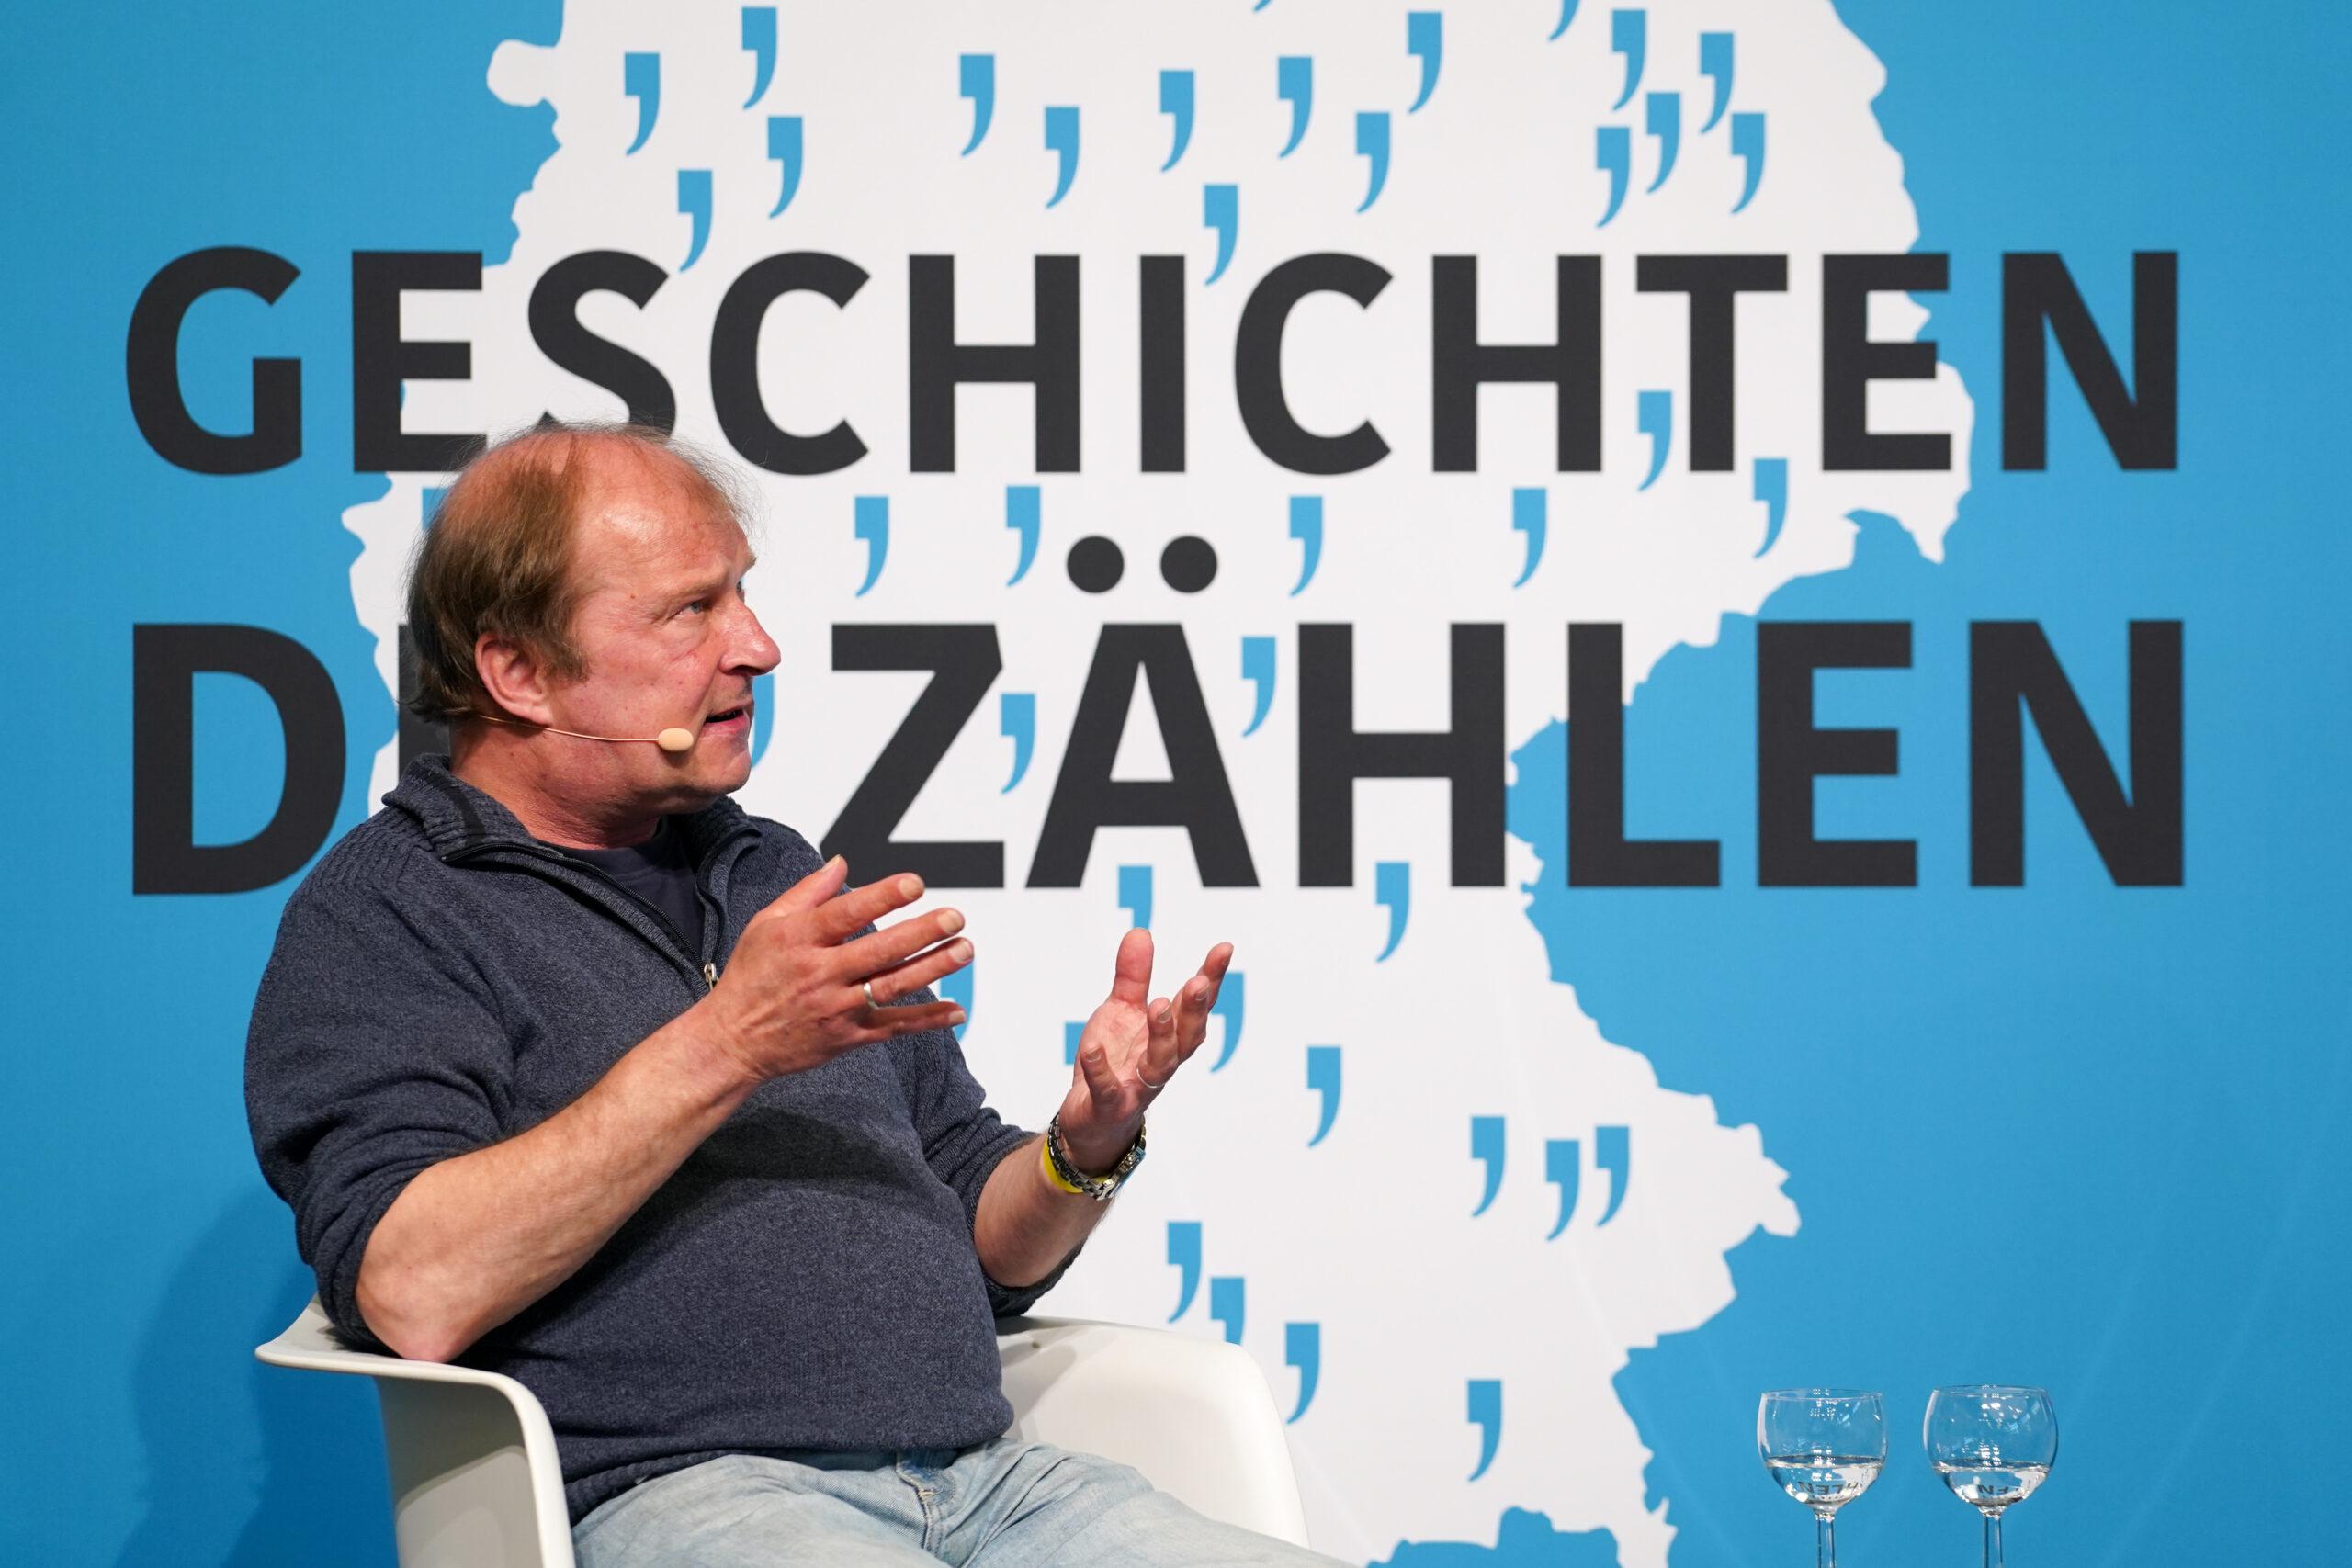 Ein Mann sitzt in einem Sessel und spricht. Hinter ist befindet sich das Bild einer Deutschlandkarte mit vielen Anführungszeichen und der Text: Geschichten, die zählen.